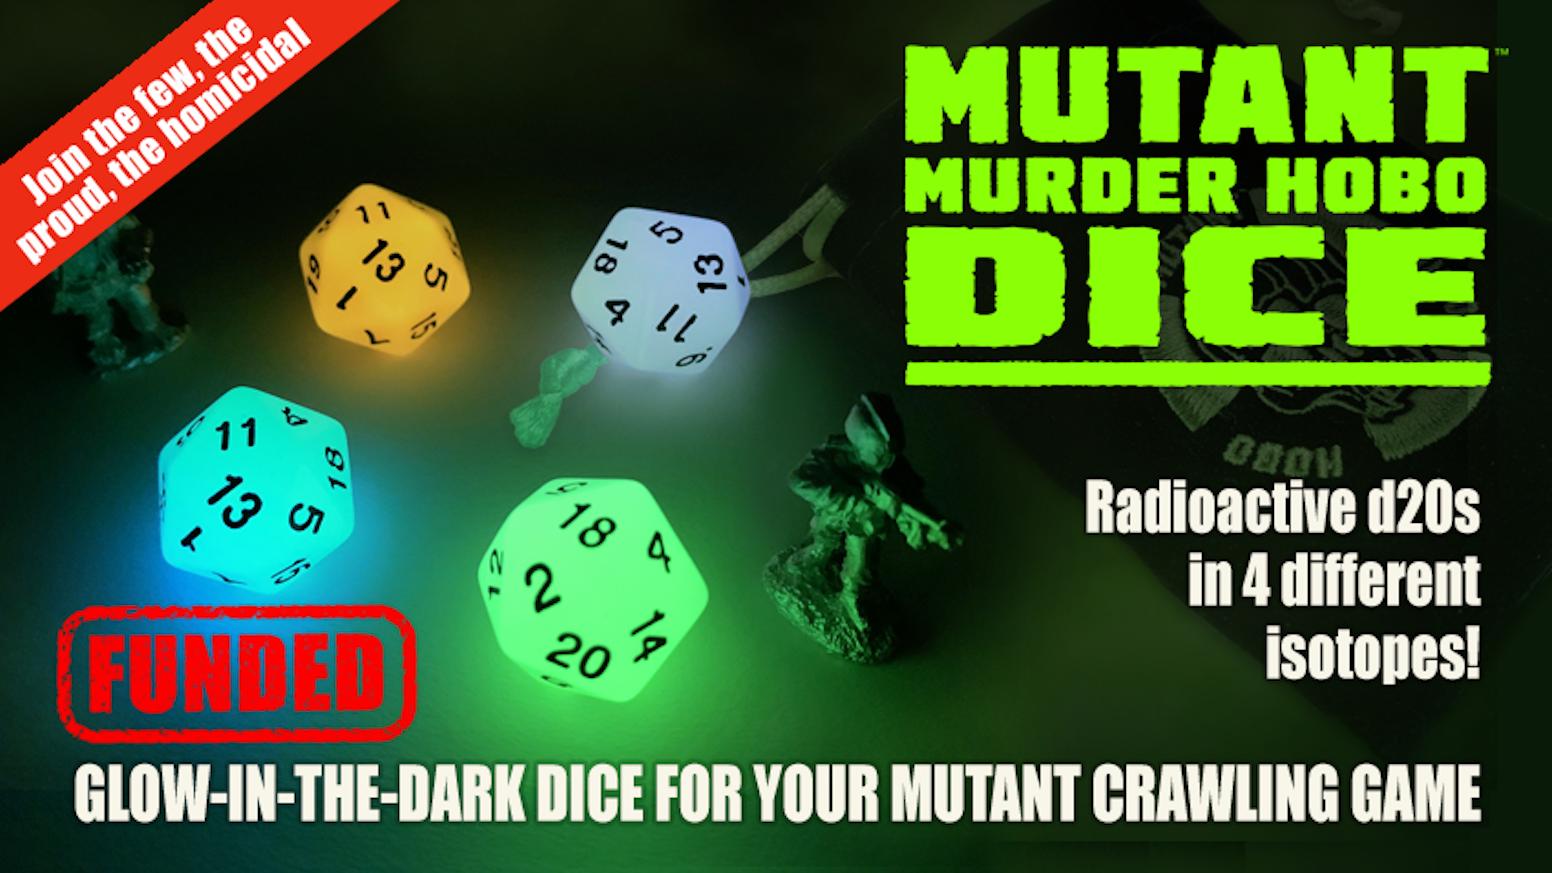 Mutant Murder Hobo Dice